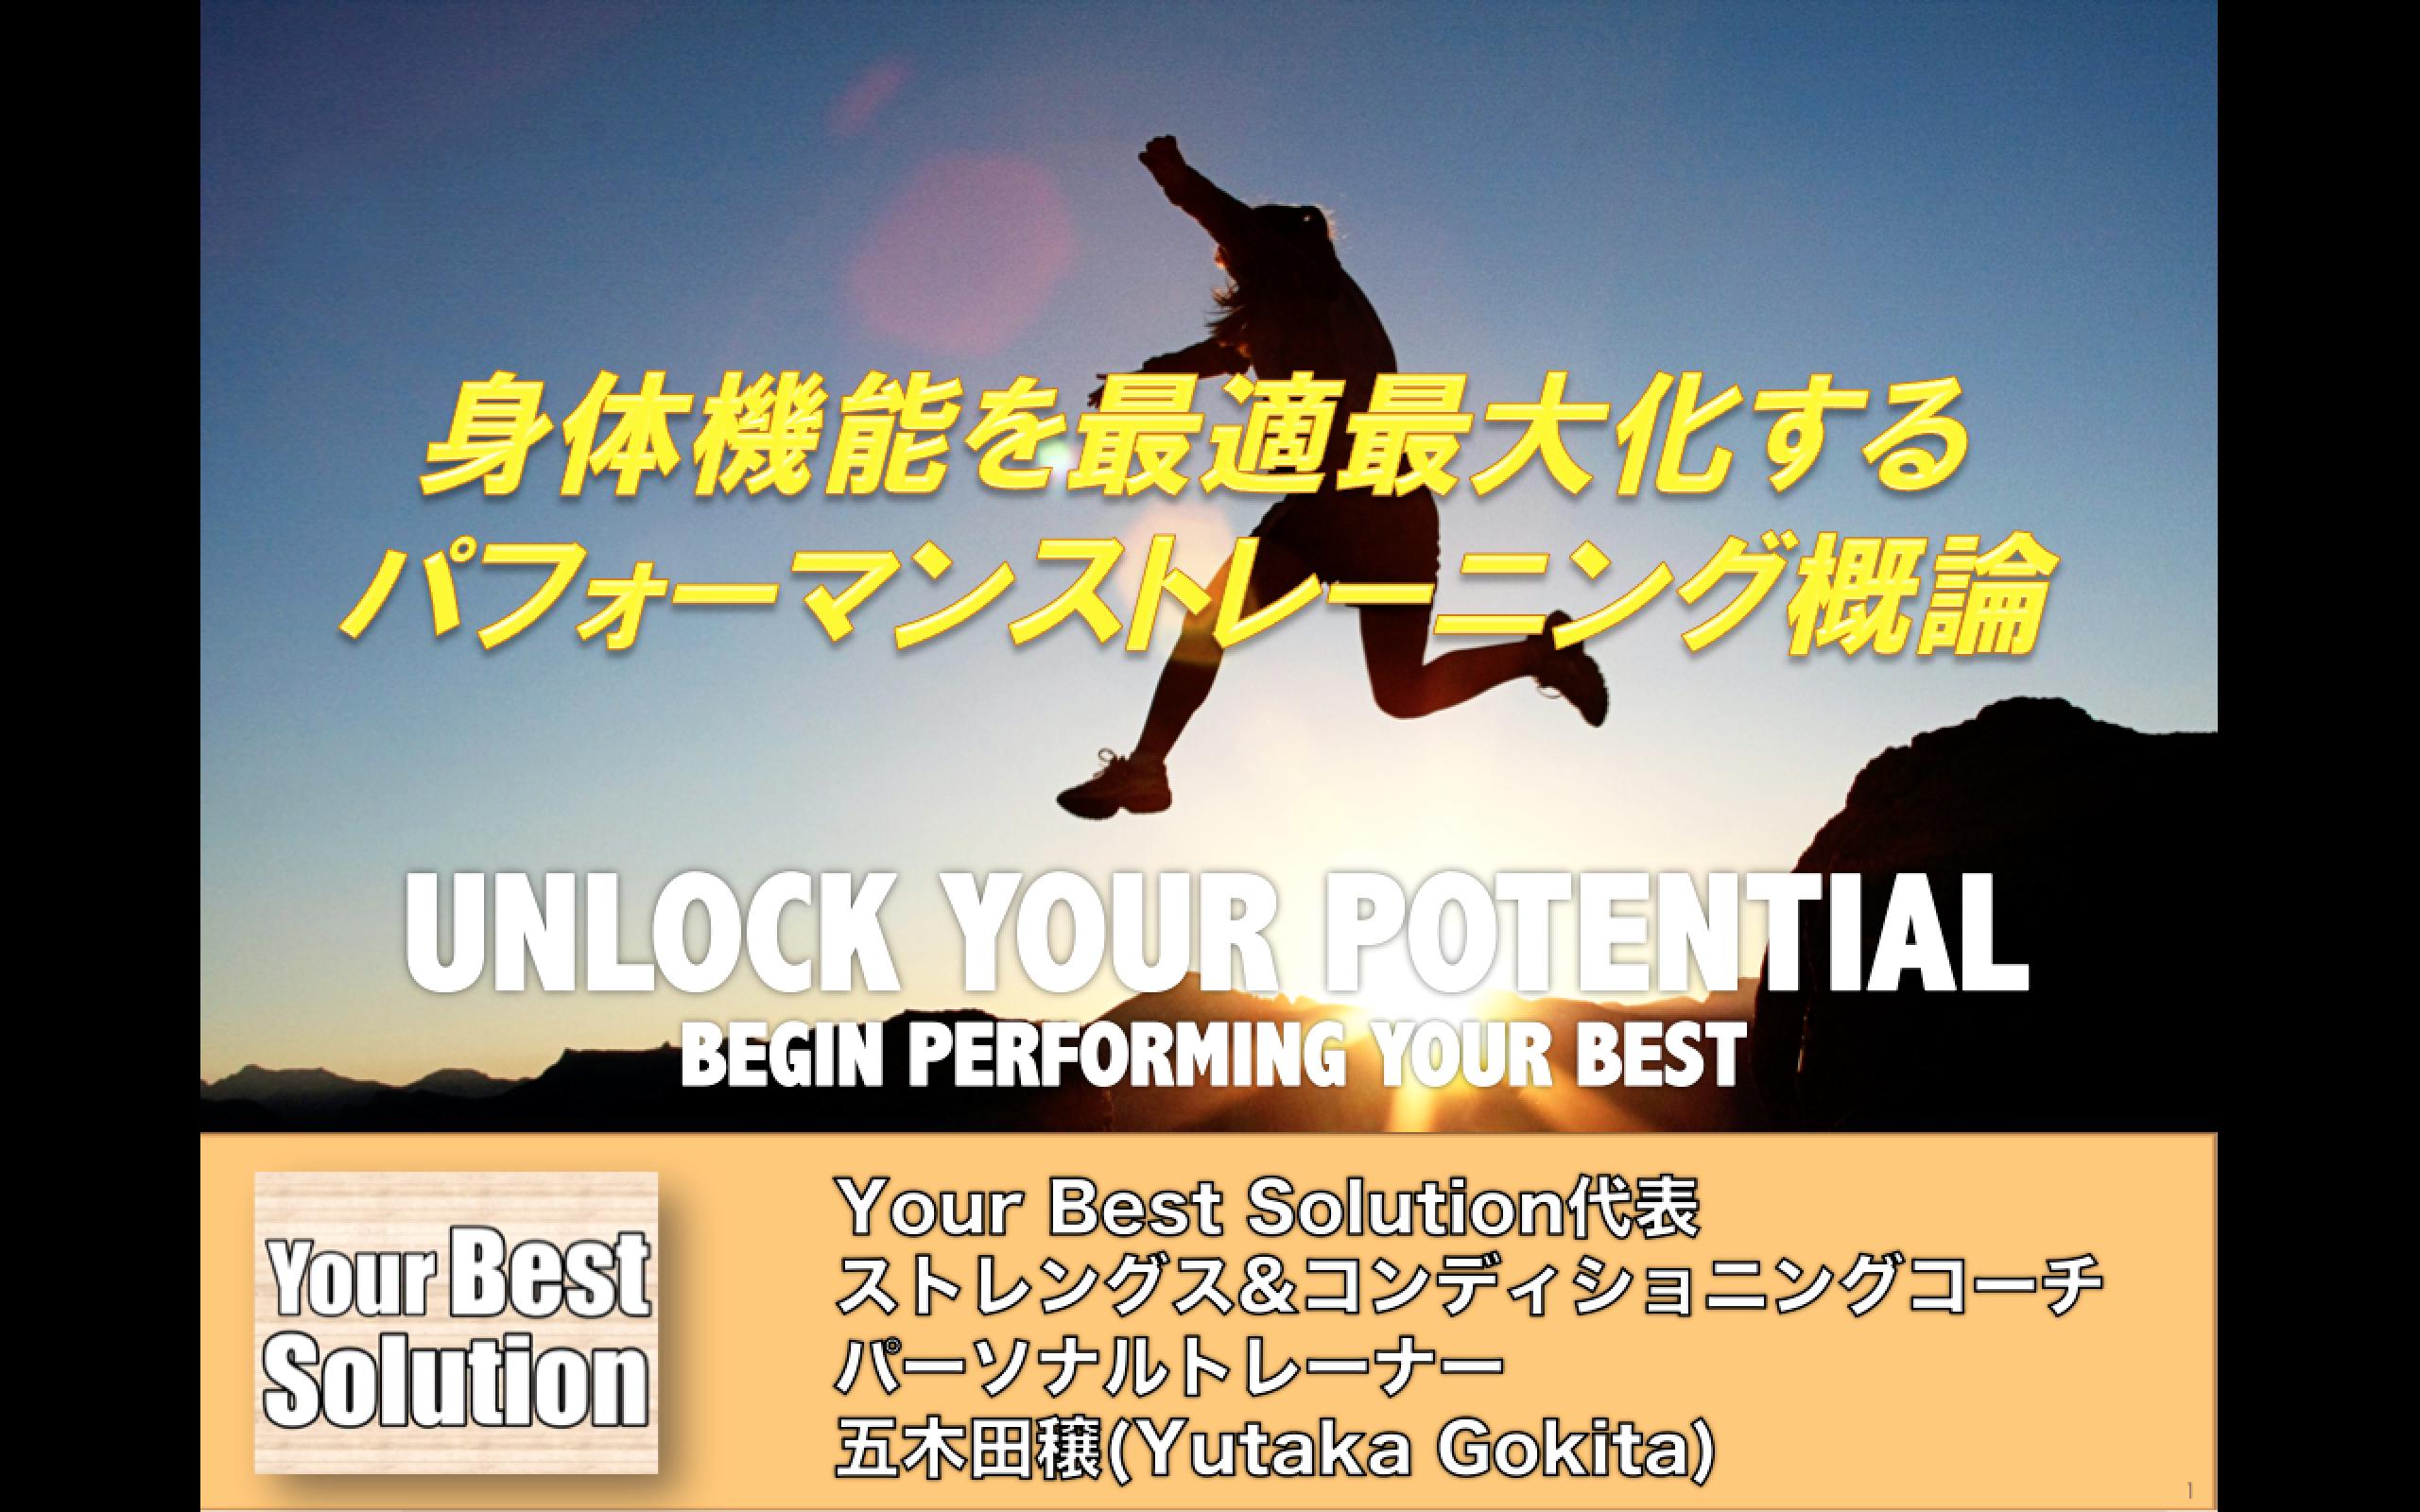 呼吸!姿勢!動作!身体機能を最適最大化するパフォーマンストレーニング!